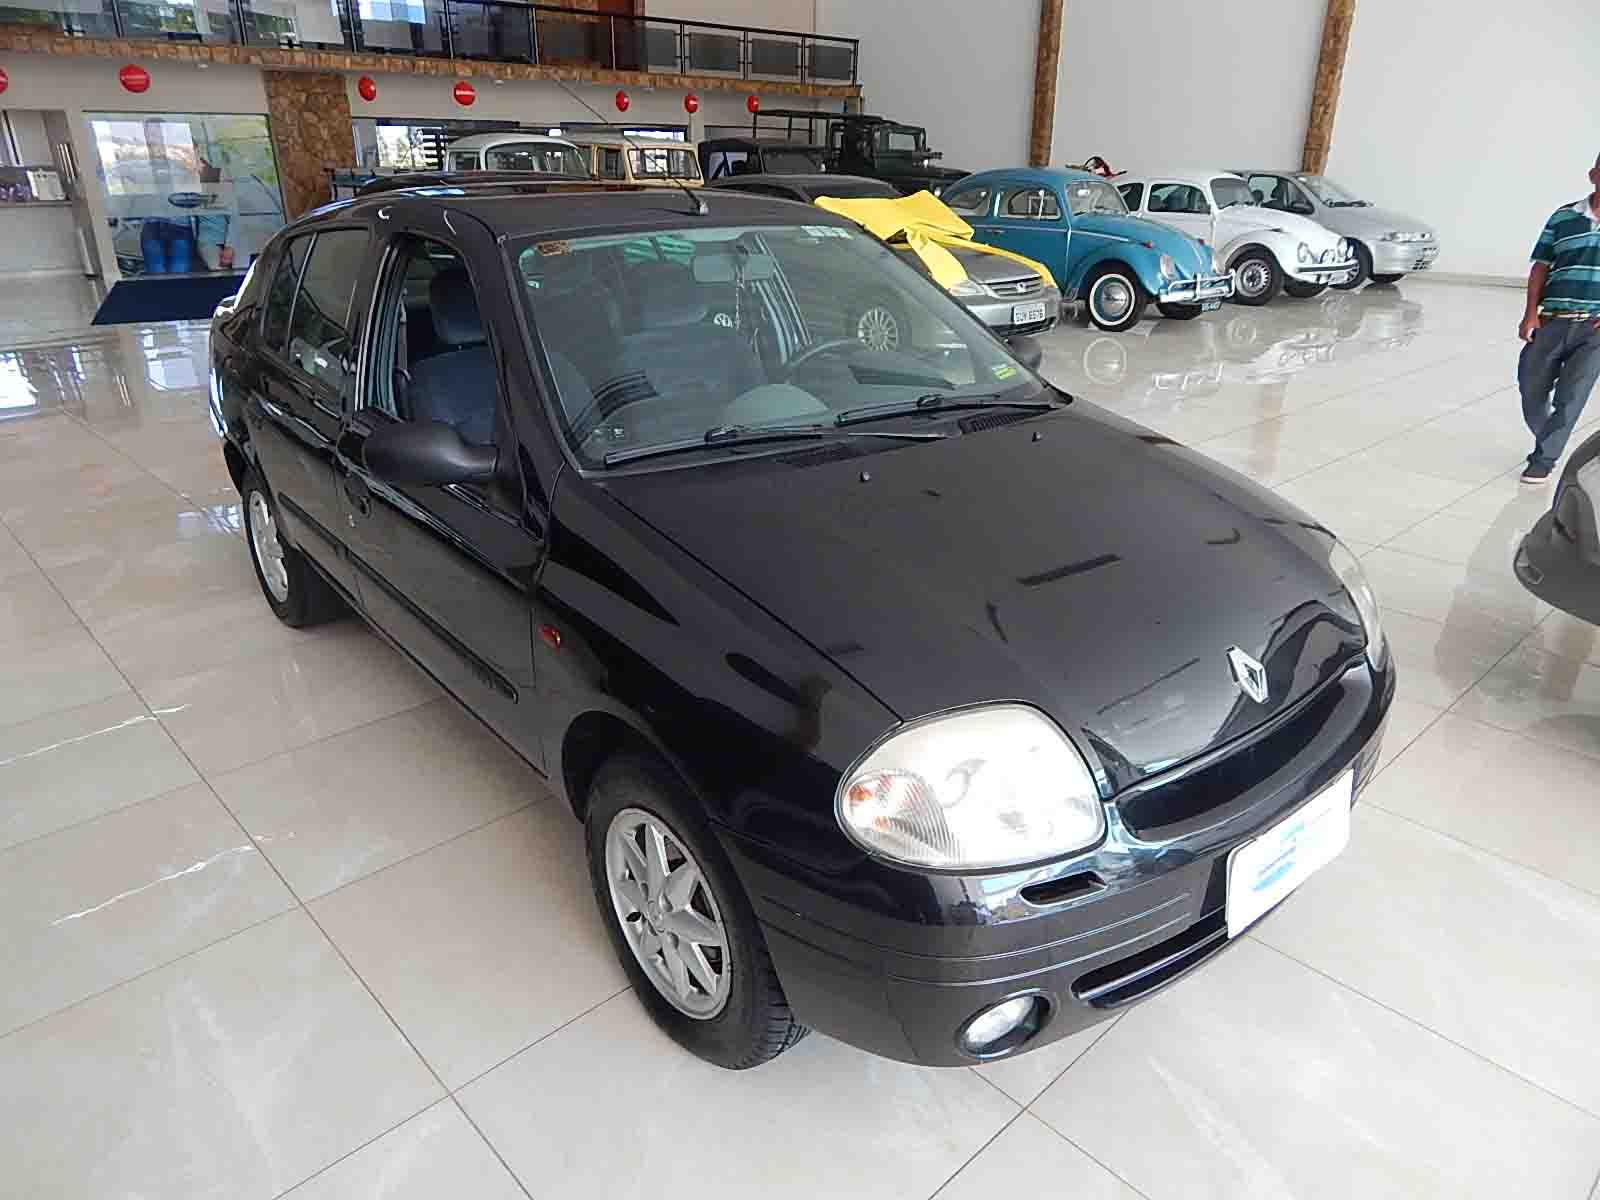 Clio Sedan RT 1.0